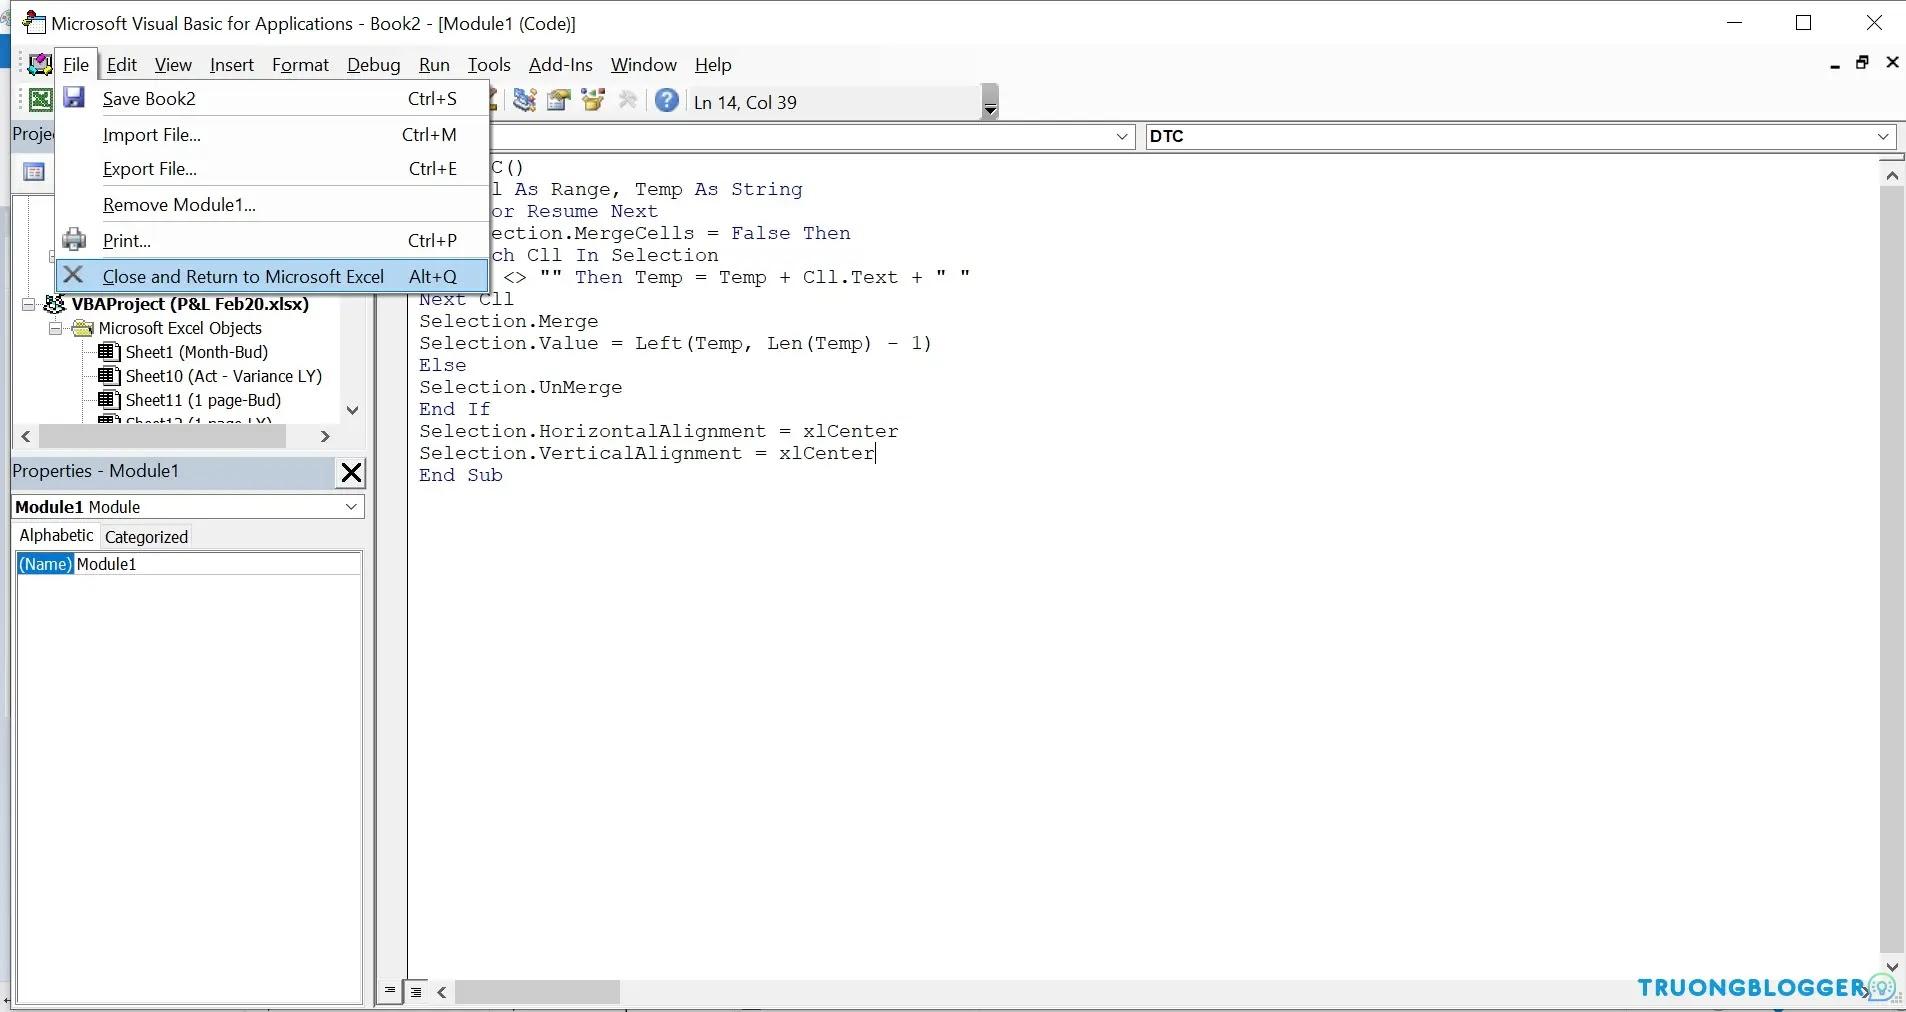 Cách gộp hai hoặc nhiều ô trong Excel mà không mất dữ liệu